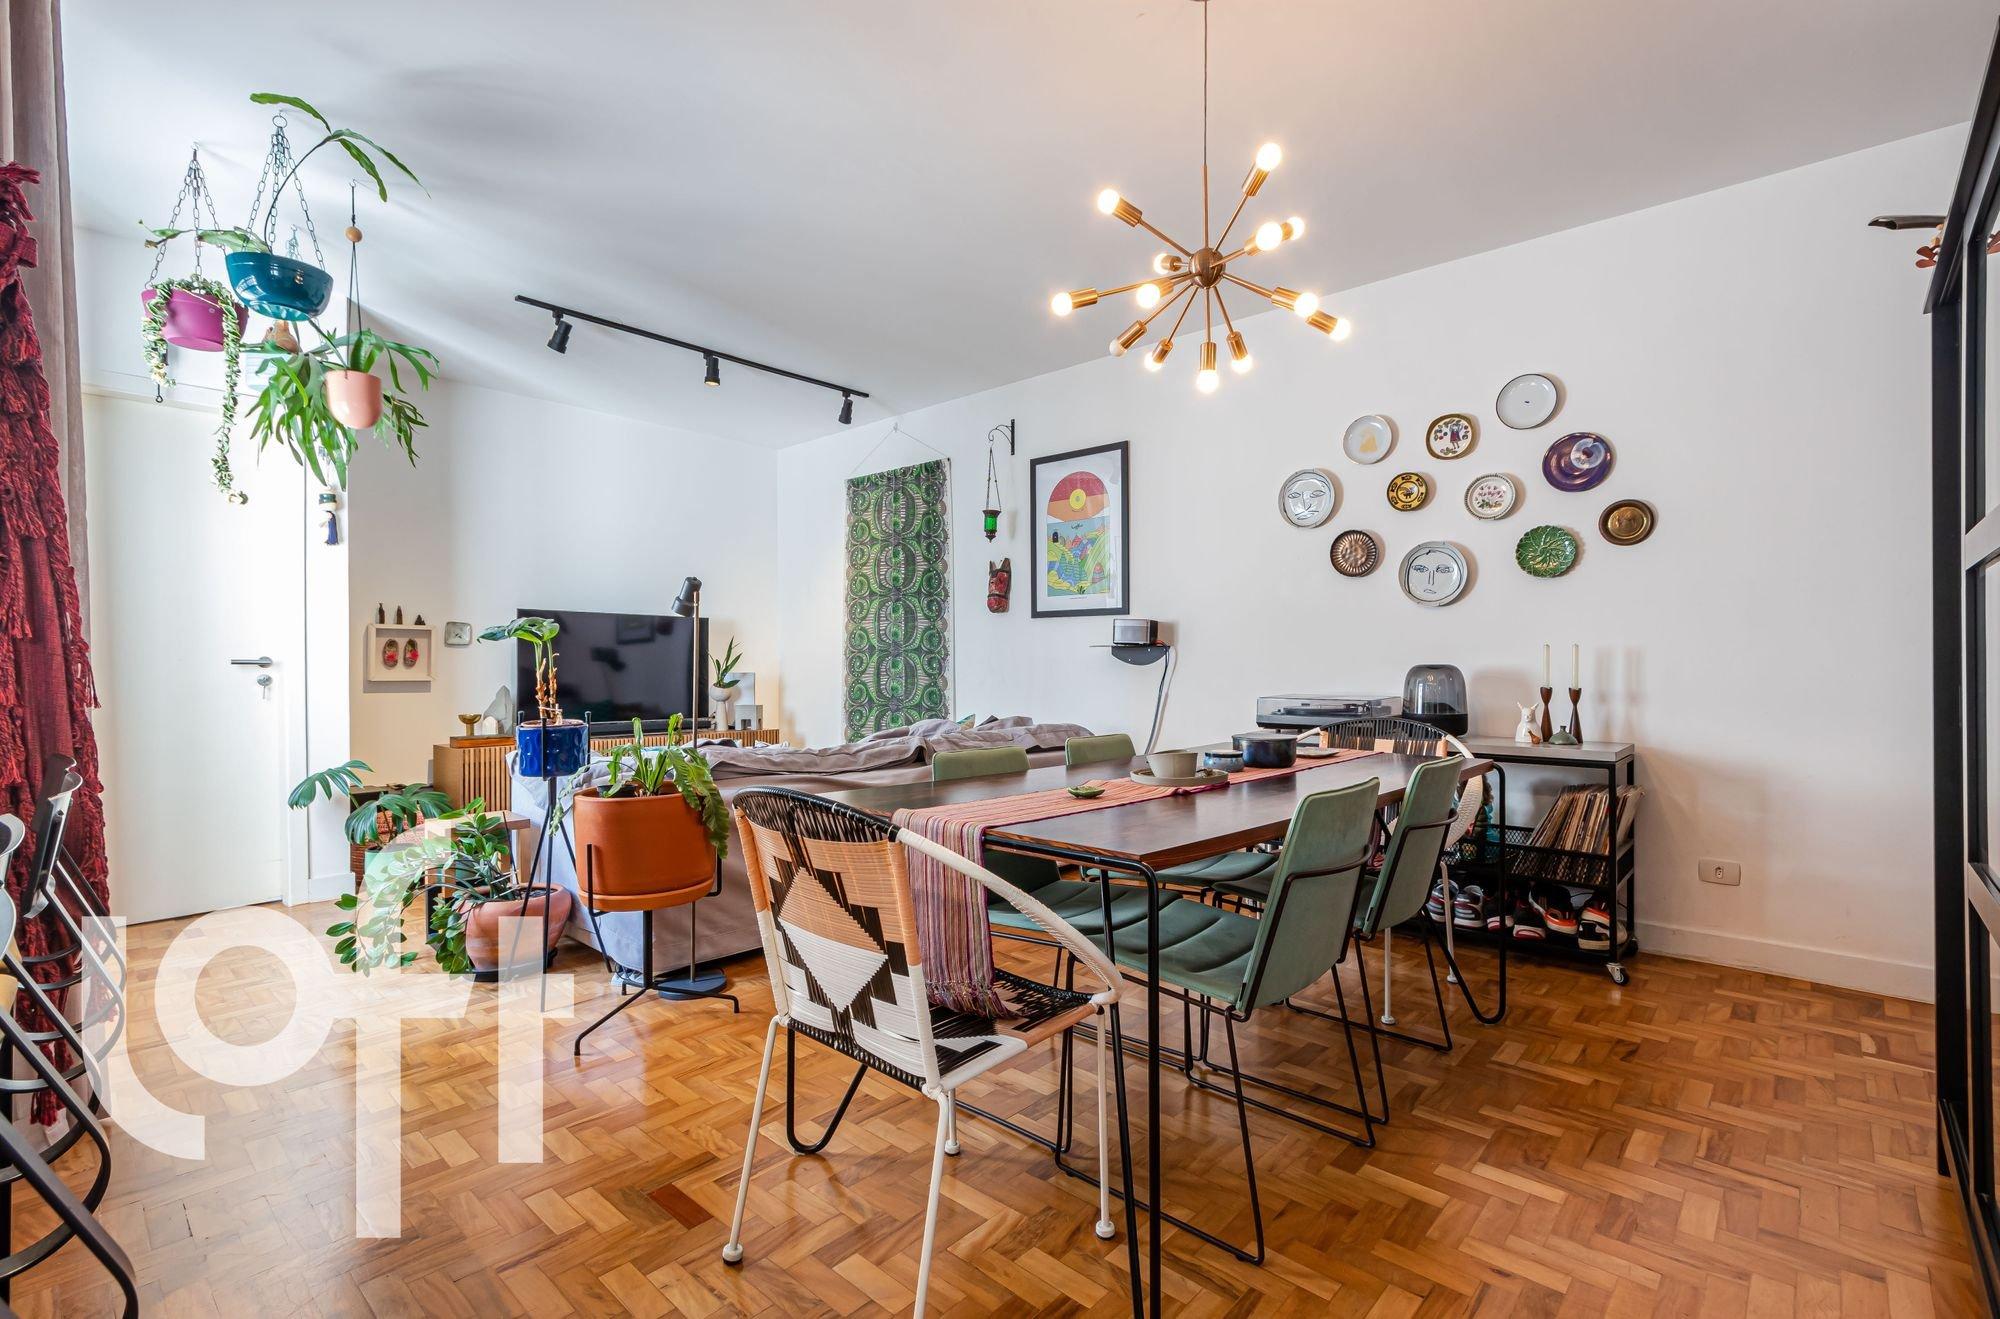 Foto de Sala com vaso de planta, cadeira, relógio